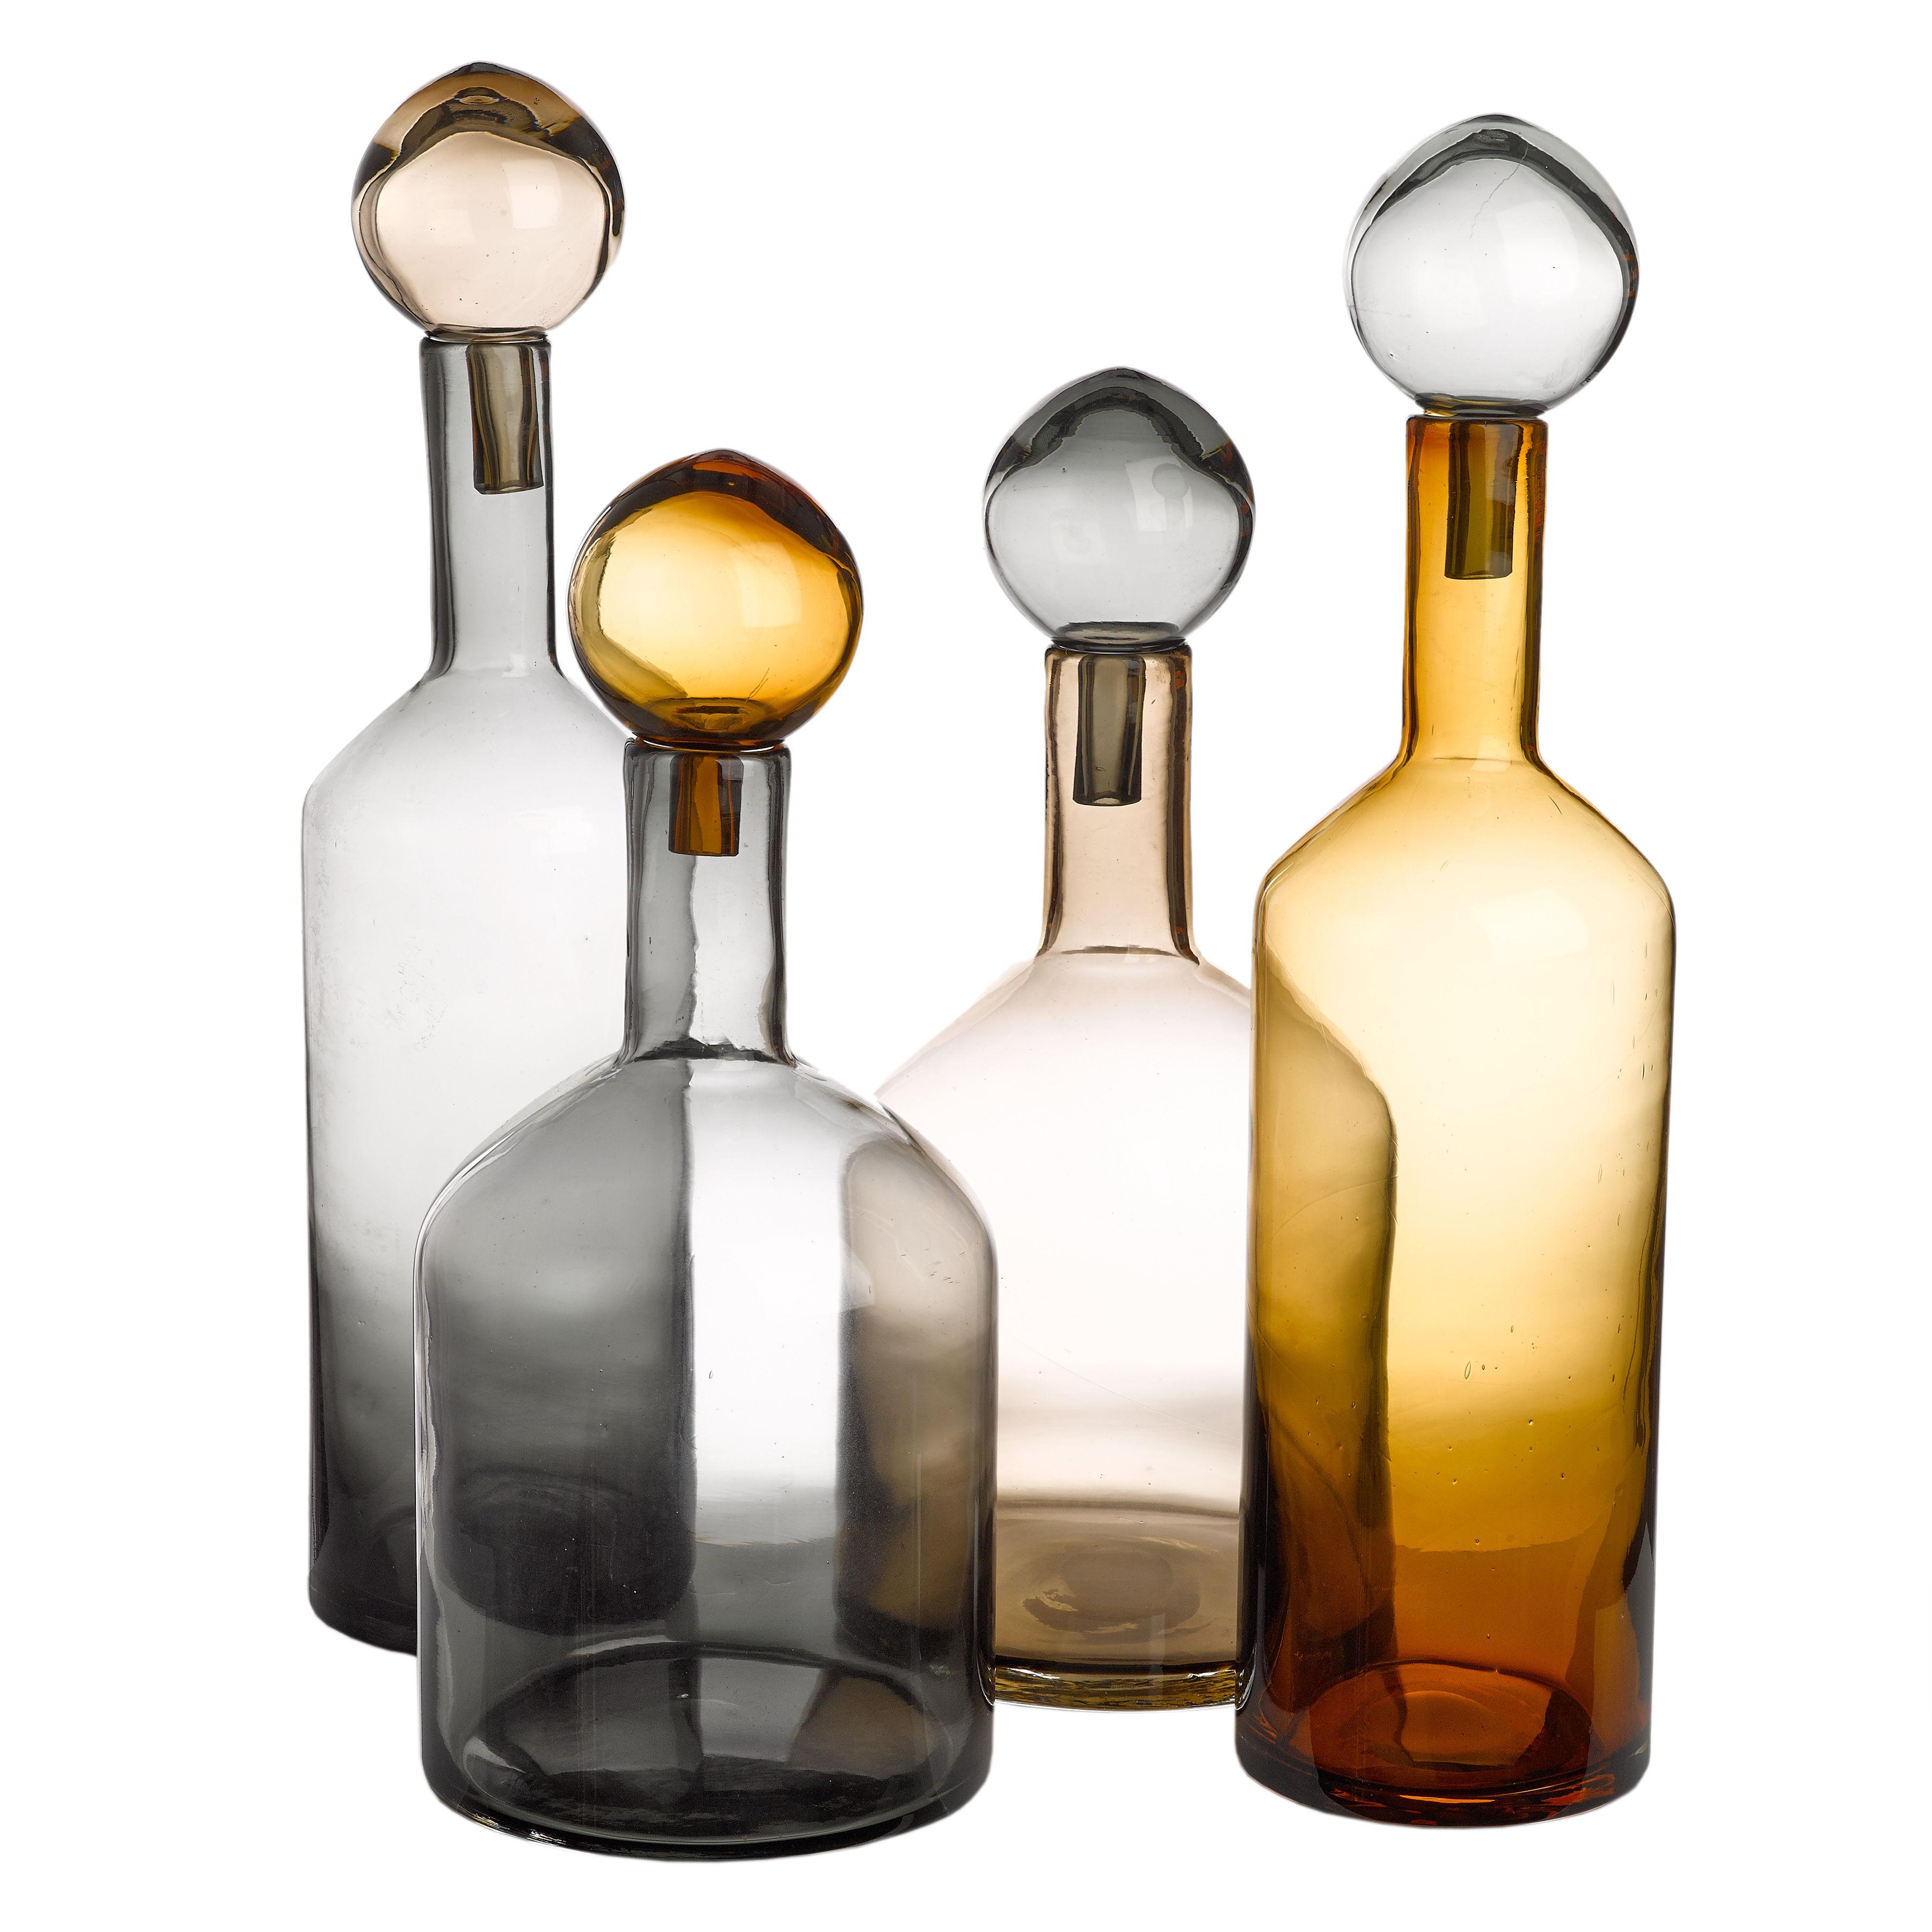 Tavola - Caraffe e Decantatori - Caraffa Bubbles & Bottles - / Bicchiere - Set da 4 di Pols Potten - Grigio, Ambra & beige - Verre teinté dans la masse